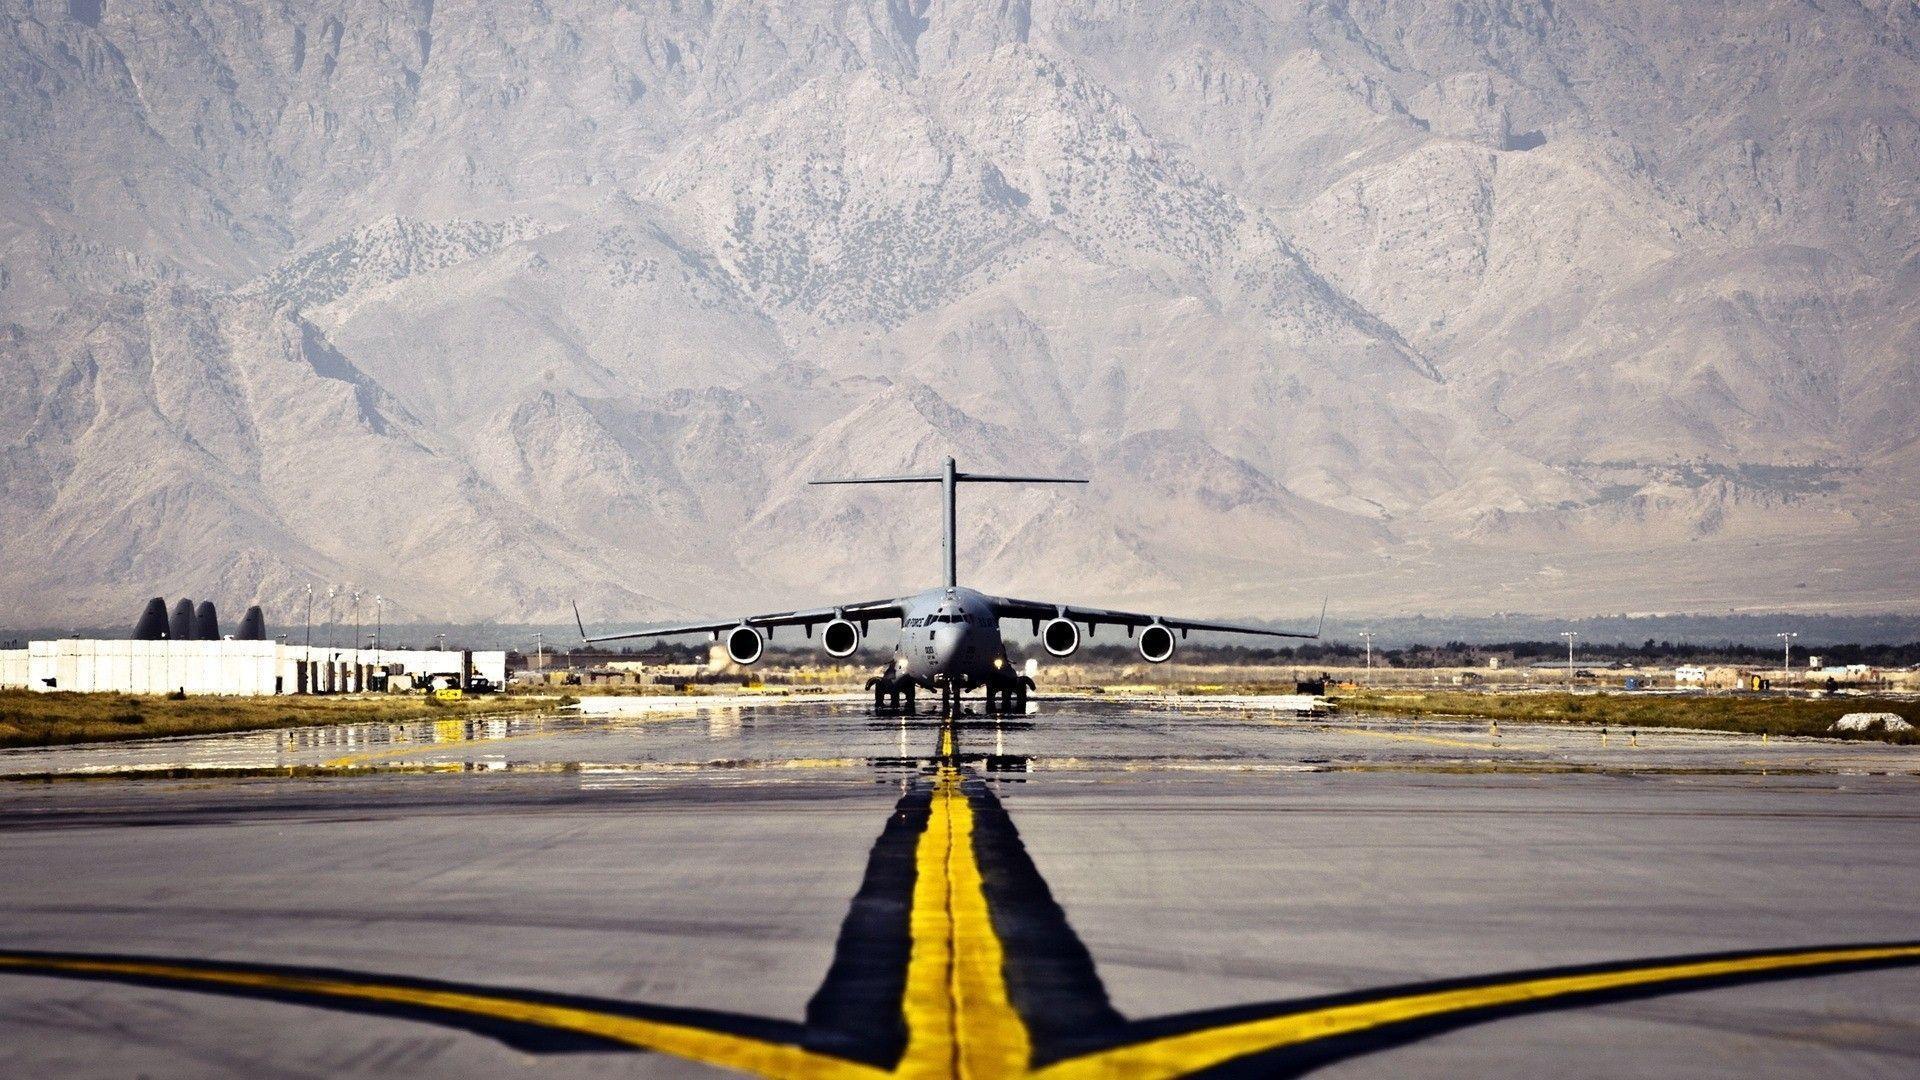 ahmedabad airport photos